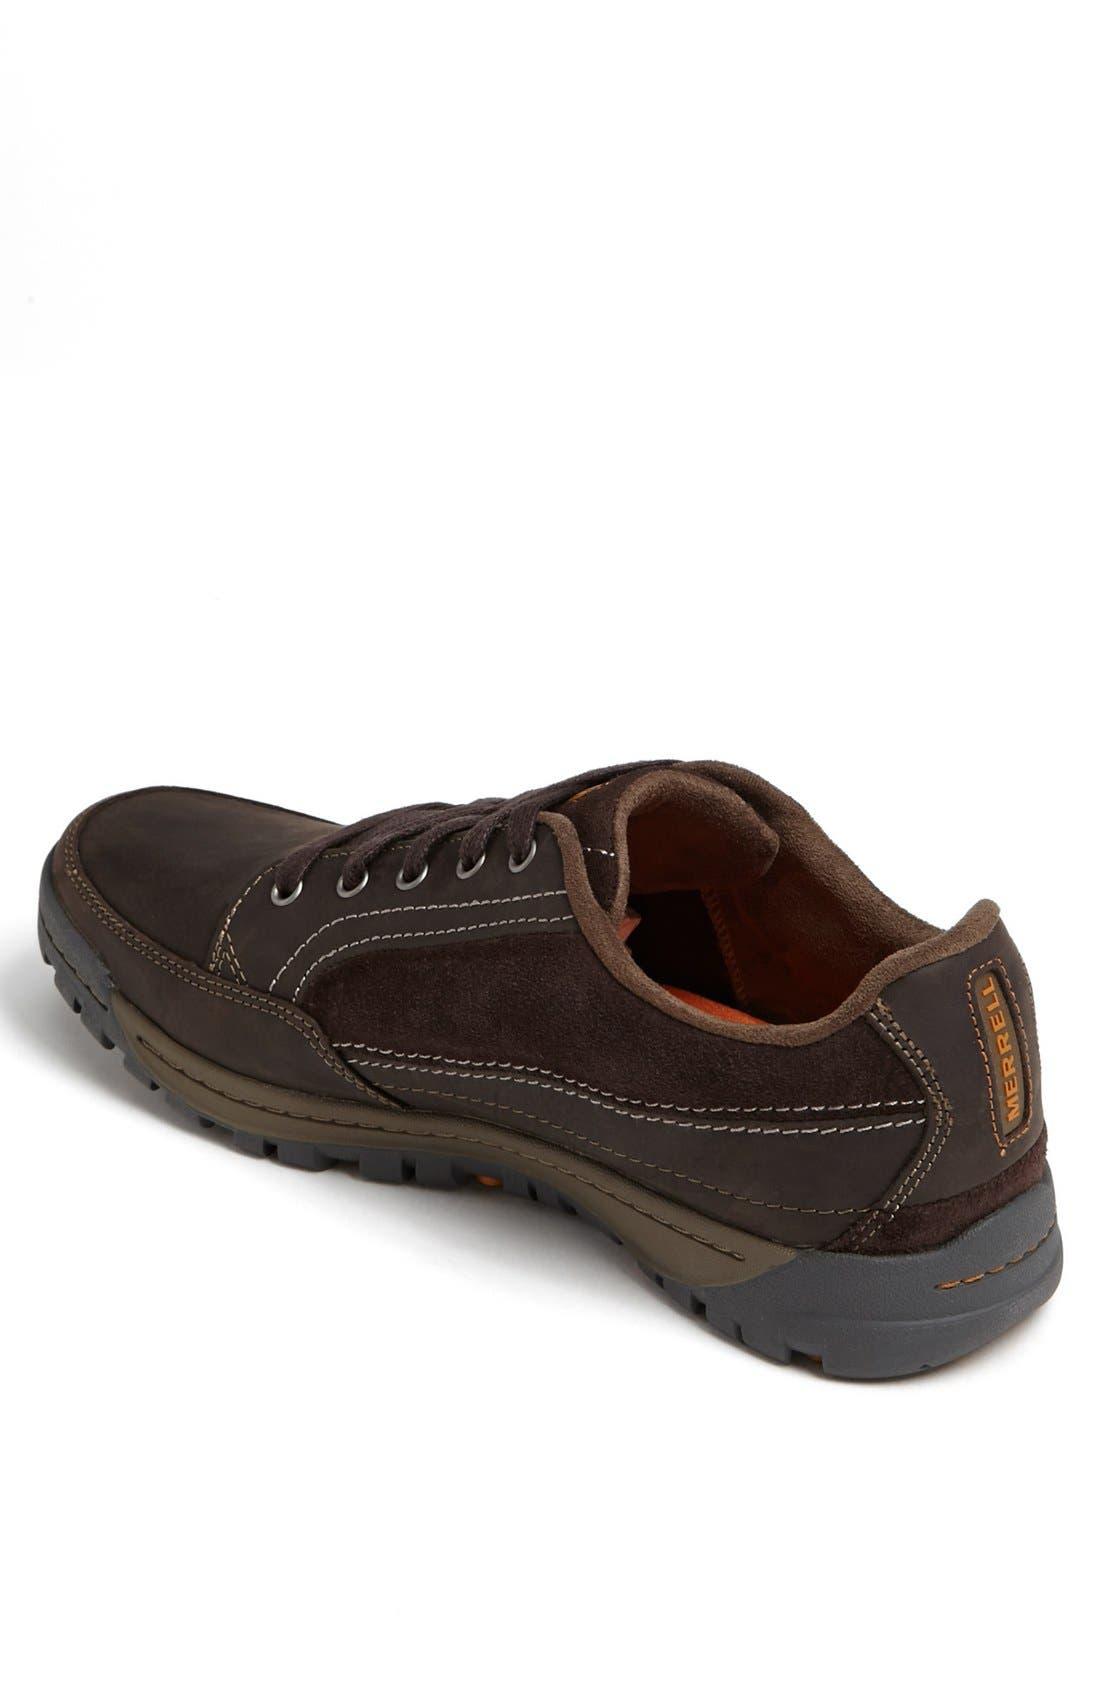 Alternate Image 2  - Merrell 'Traveler Sphere' Sneaker (Men)